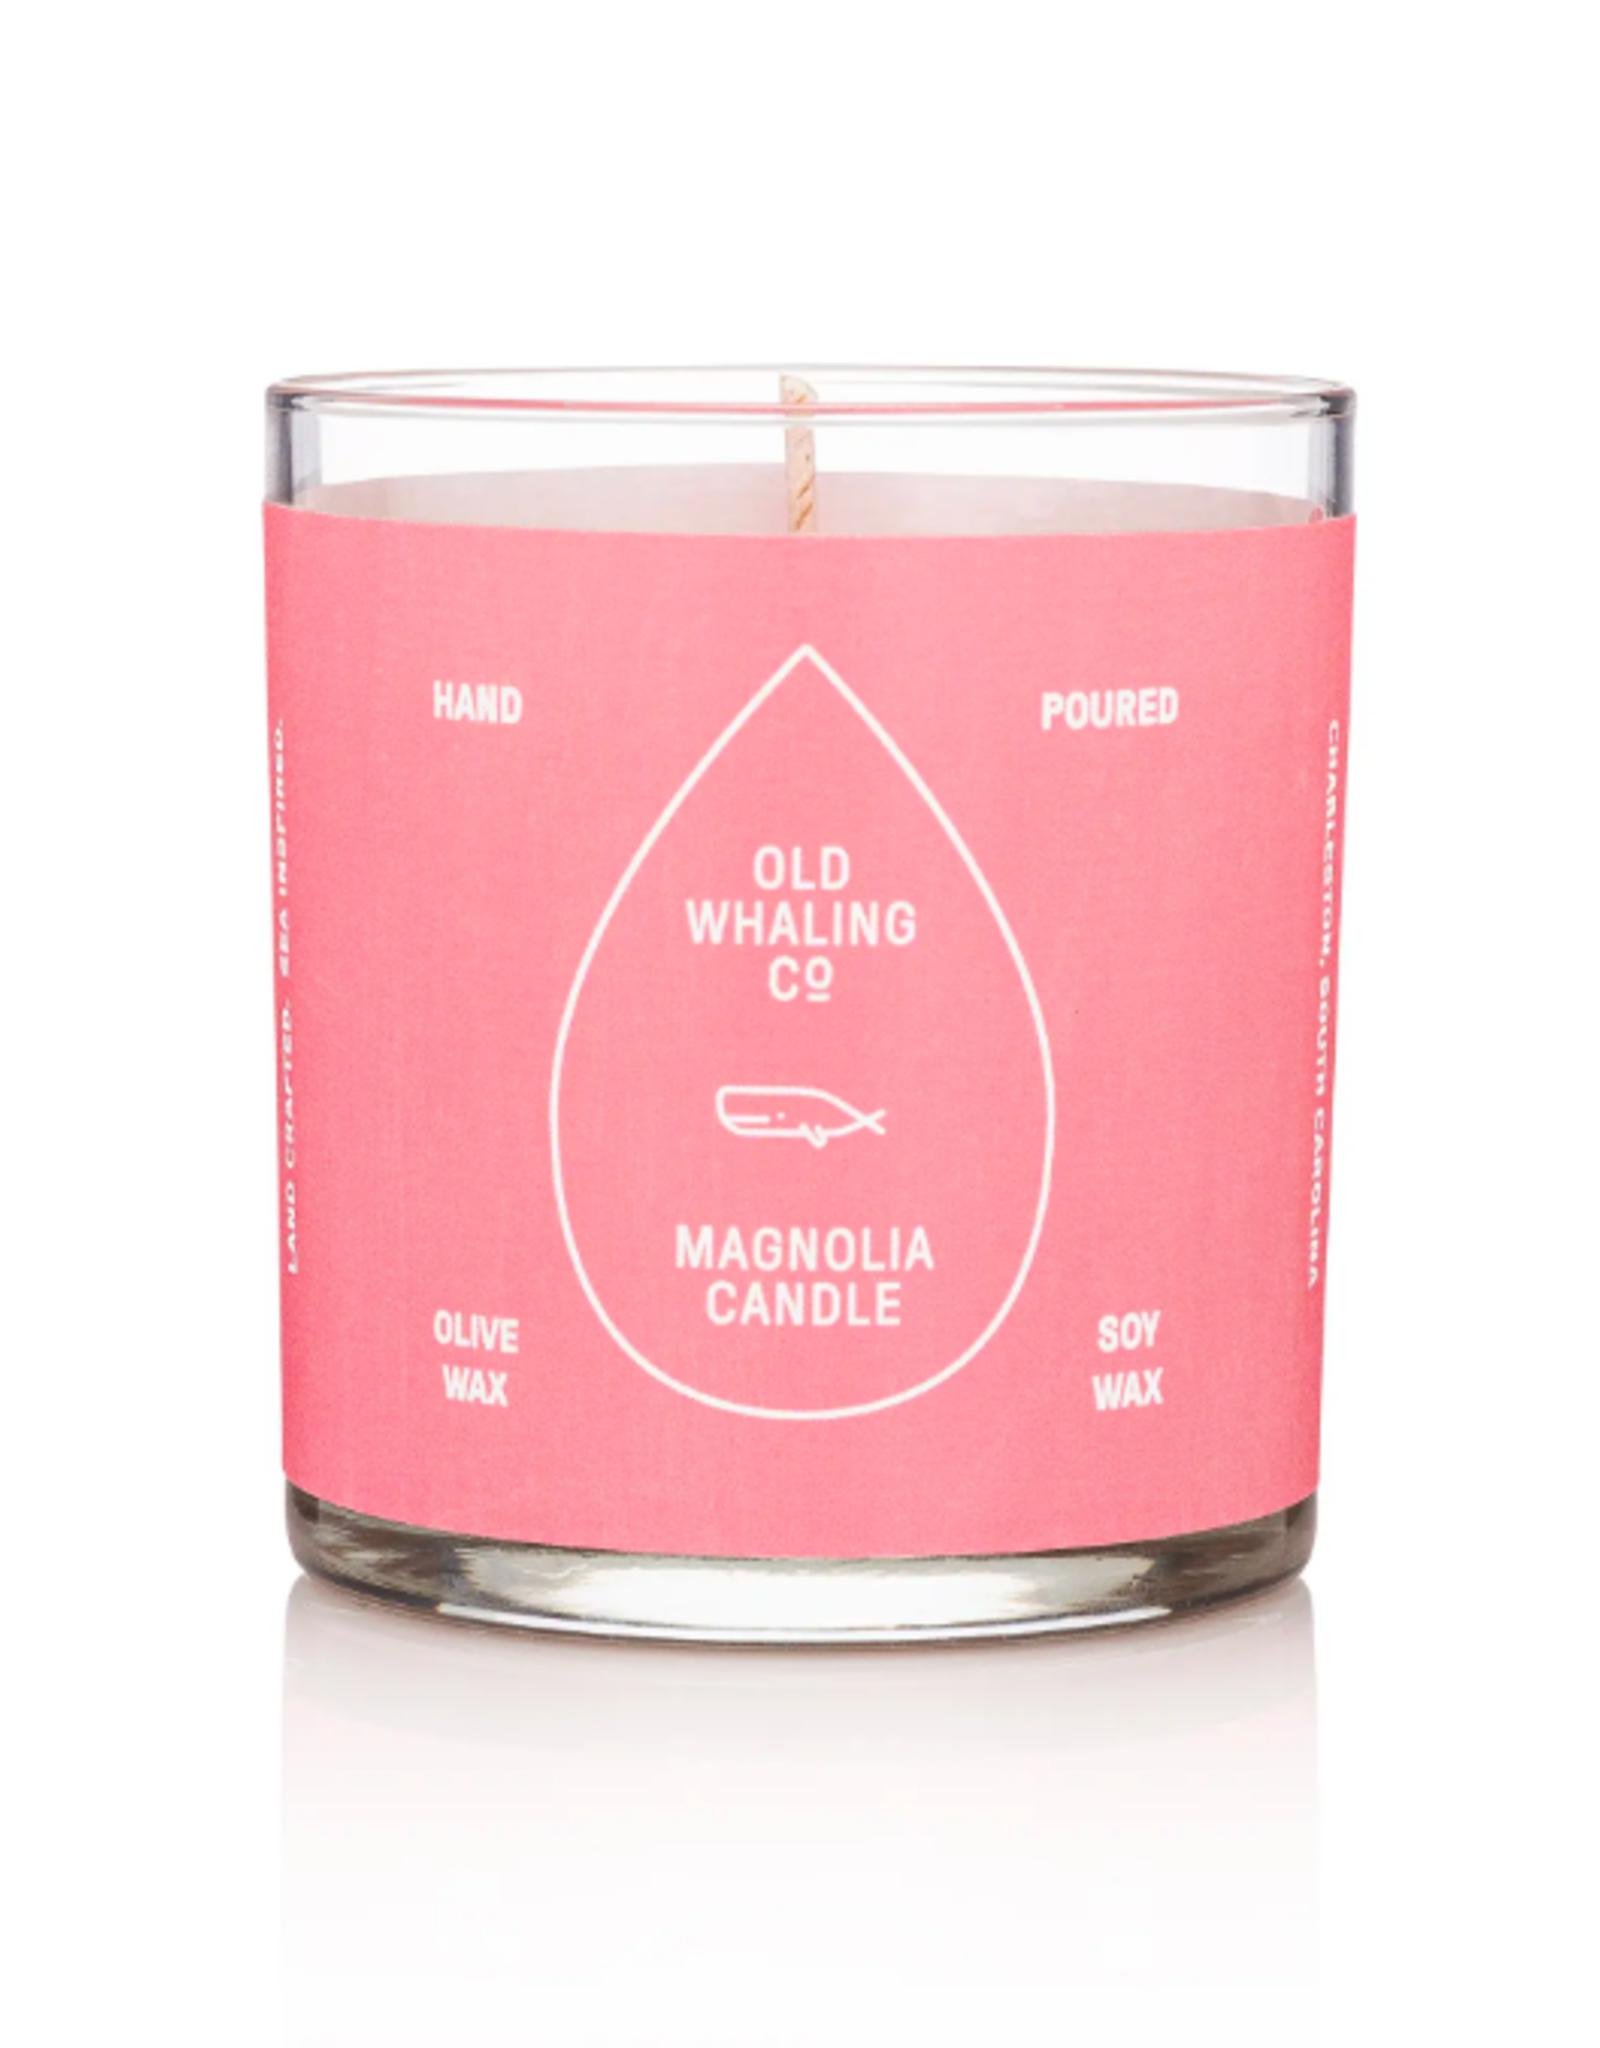 Magnolia Candle